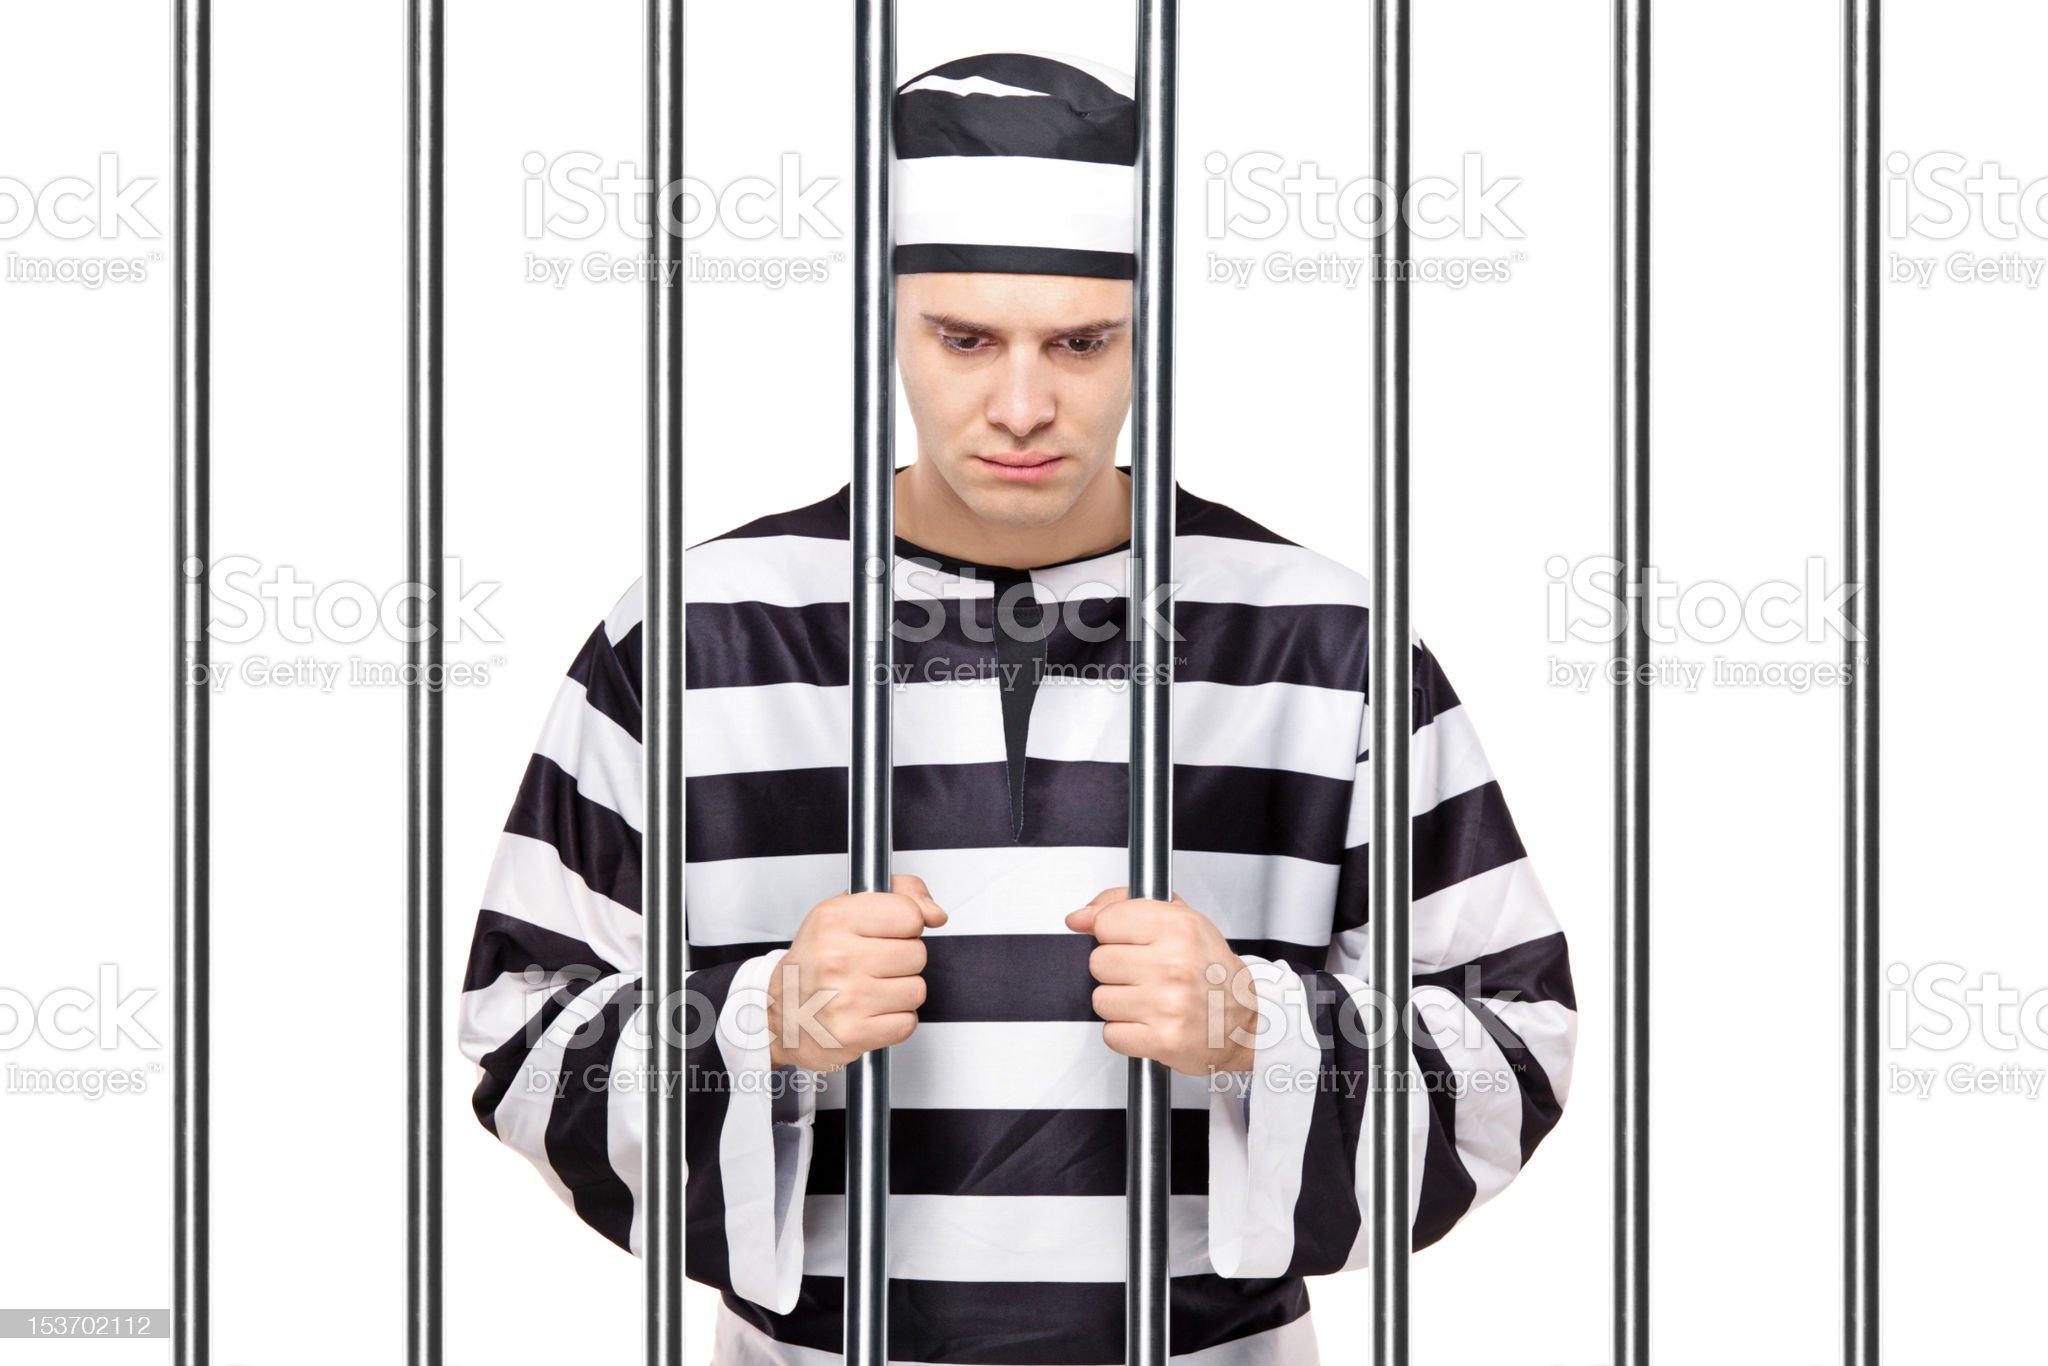 Sad prisoner in jail royalty-free stock photo